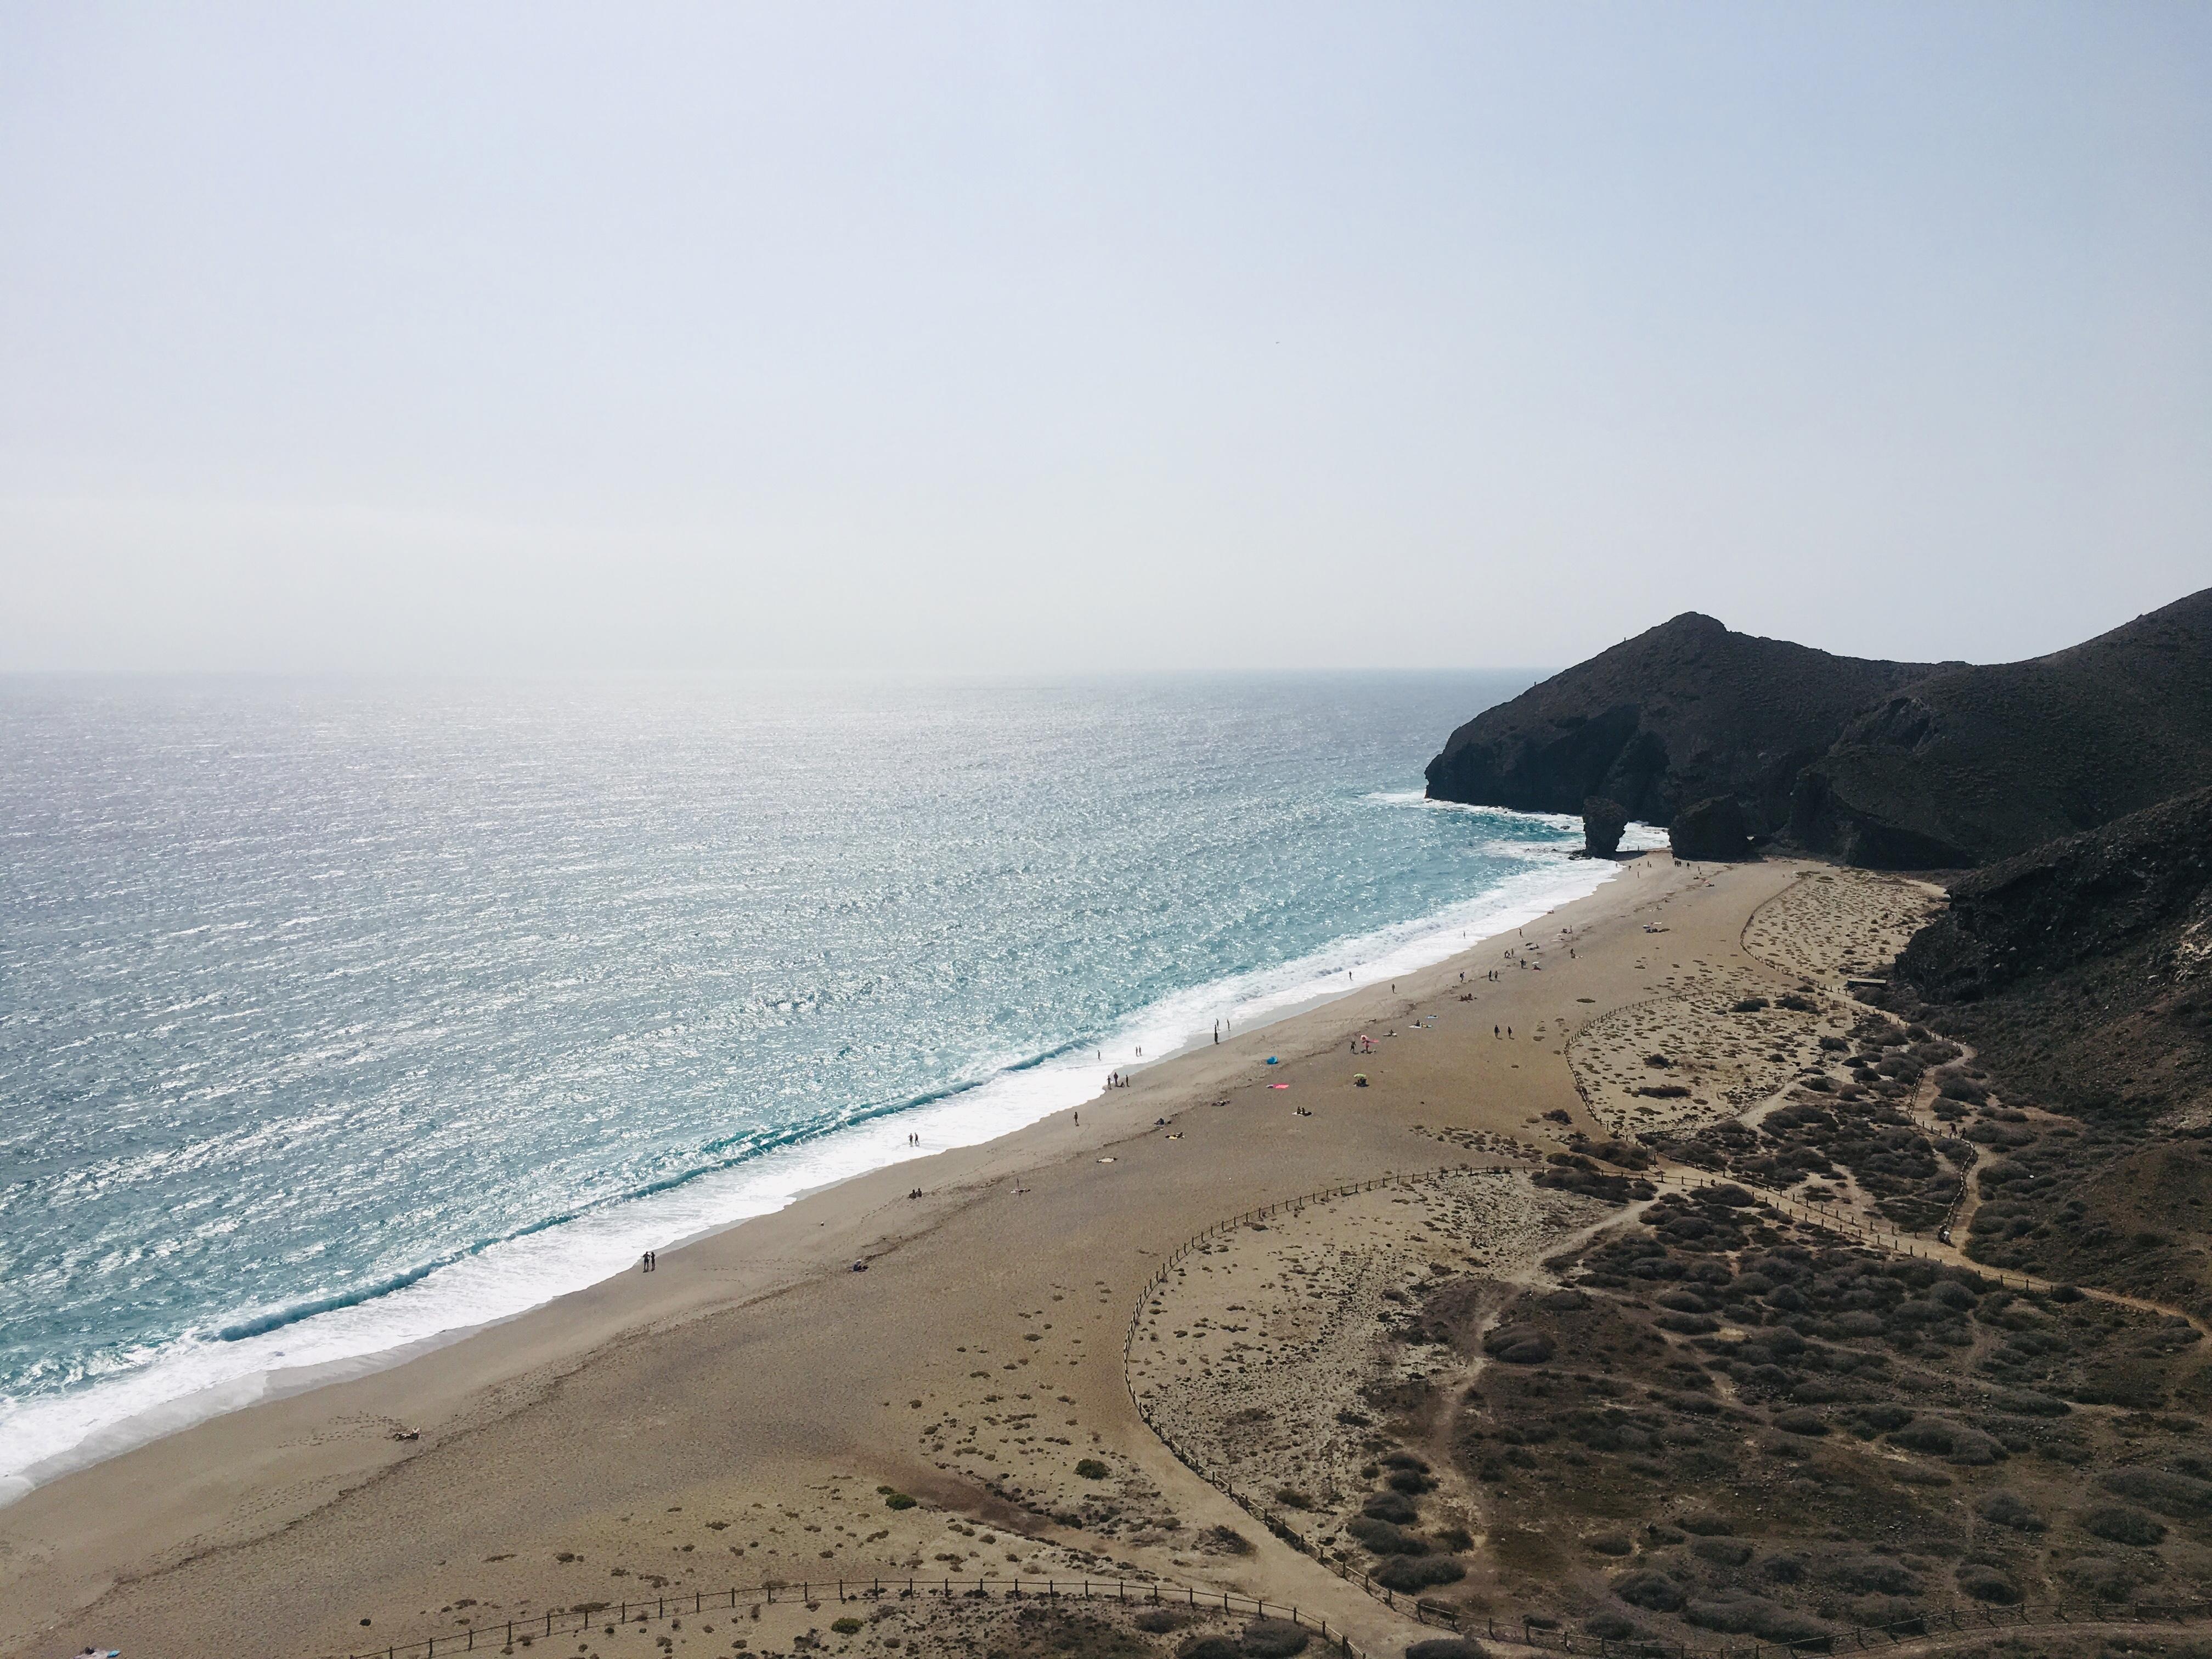 lolanoviajasola playa de los muertos almeria cabo de gata